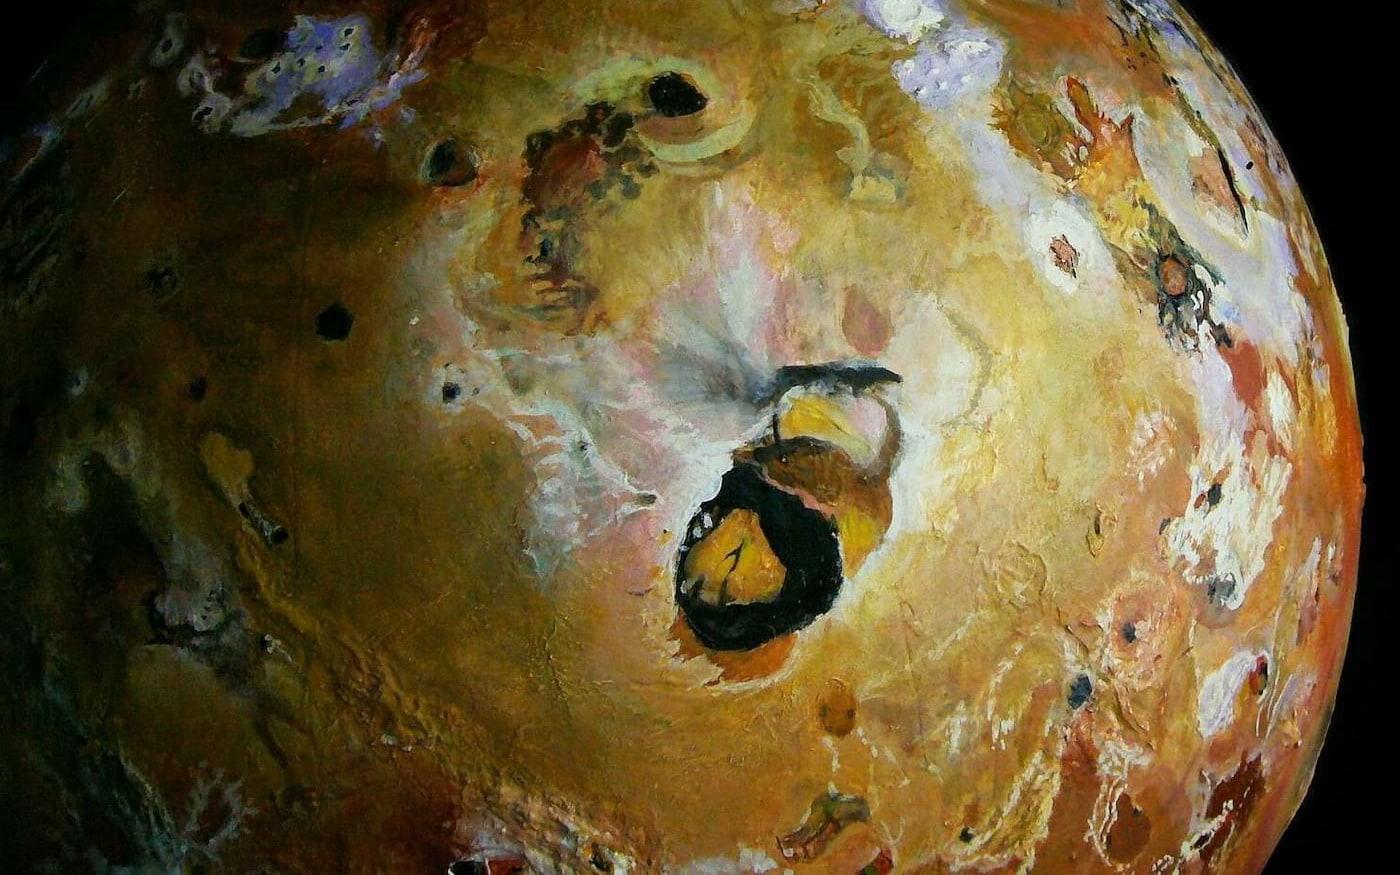 Grande vulcão lunar de Júpiter vai entrar em erupção neste mês